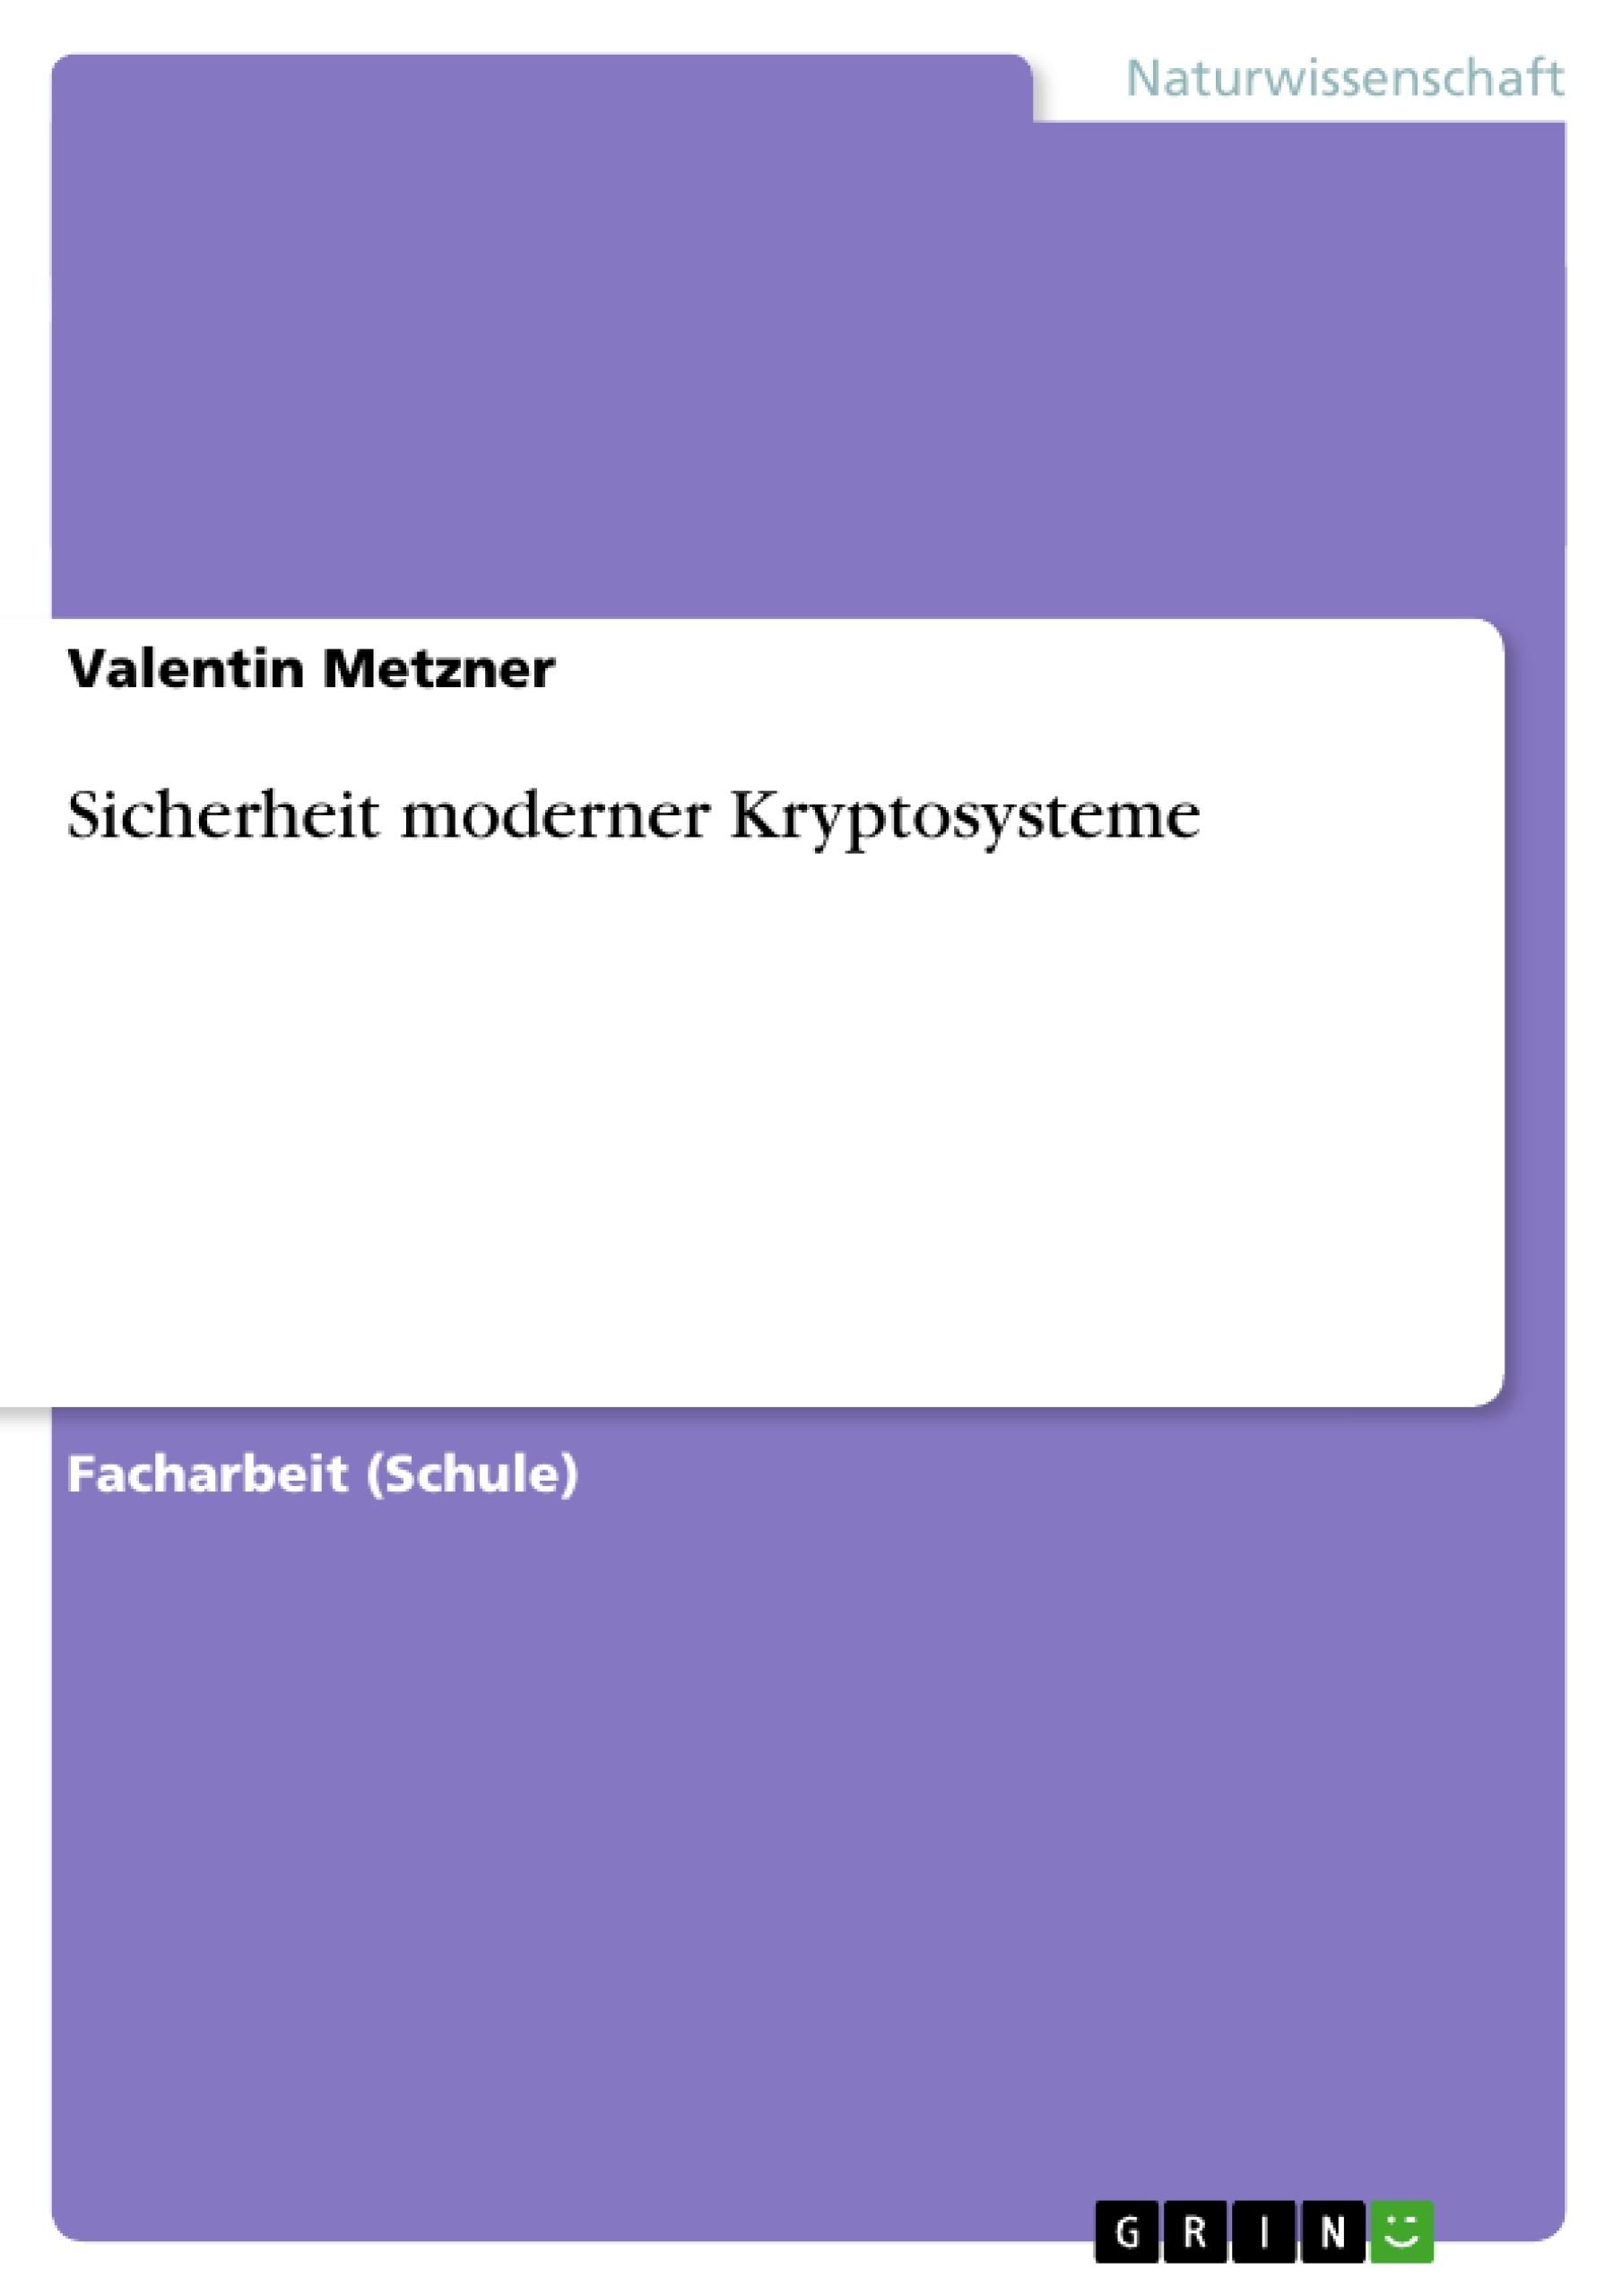 Titel: Sicherheit moderner Kryptosysteme